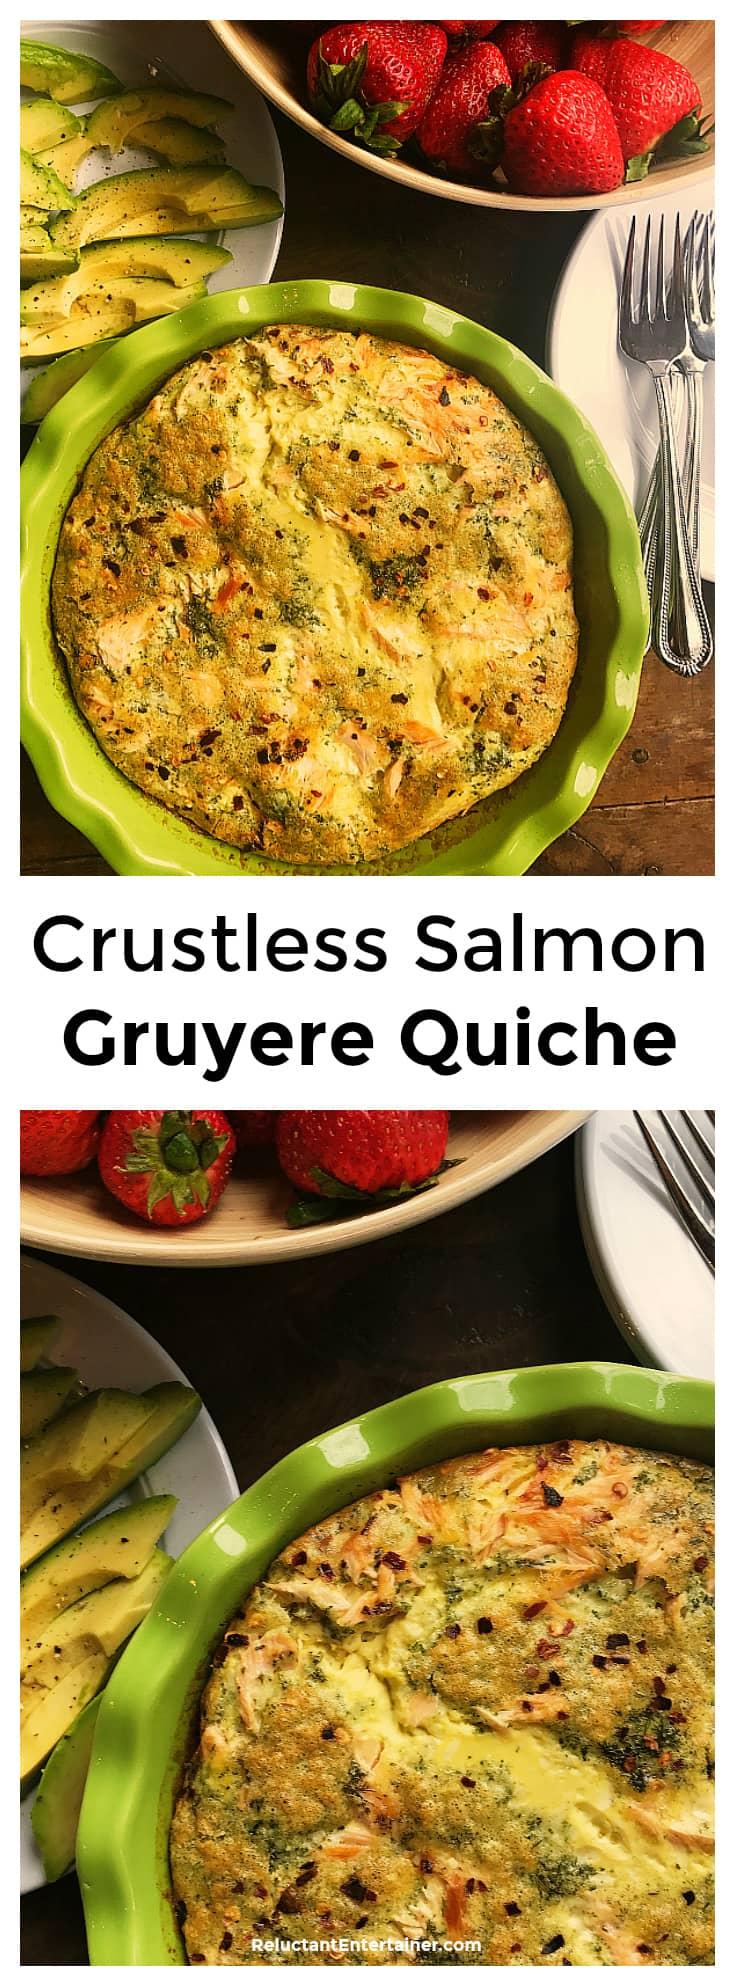 Crustless Salmon Gruyere Quiche Recipe